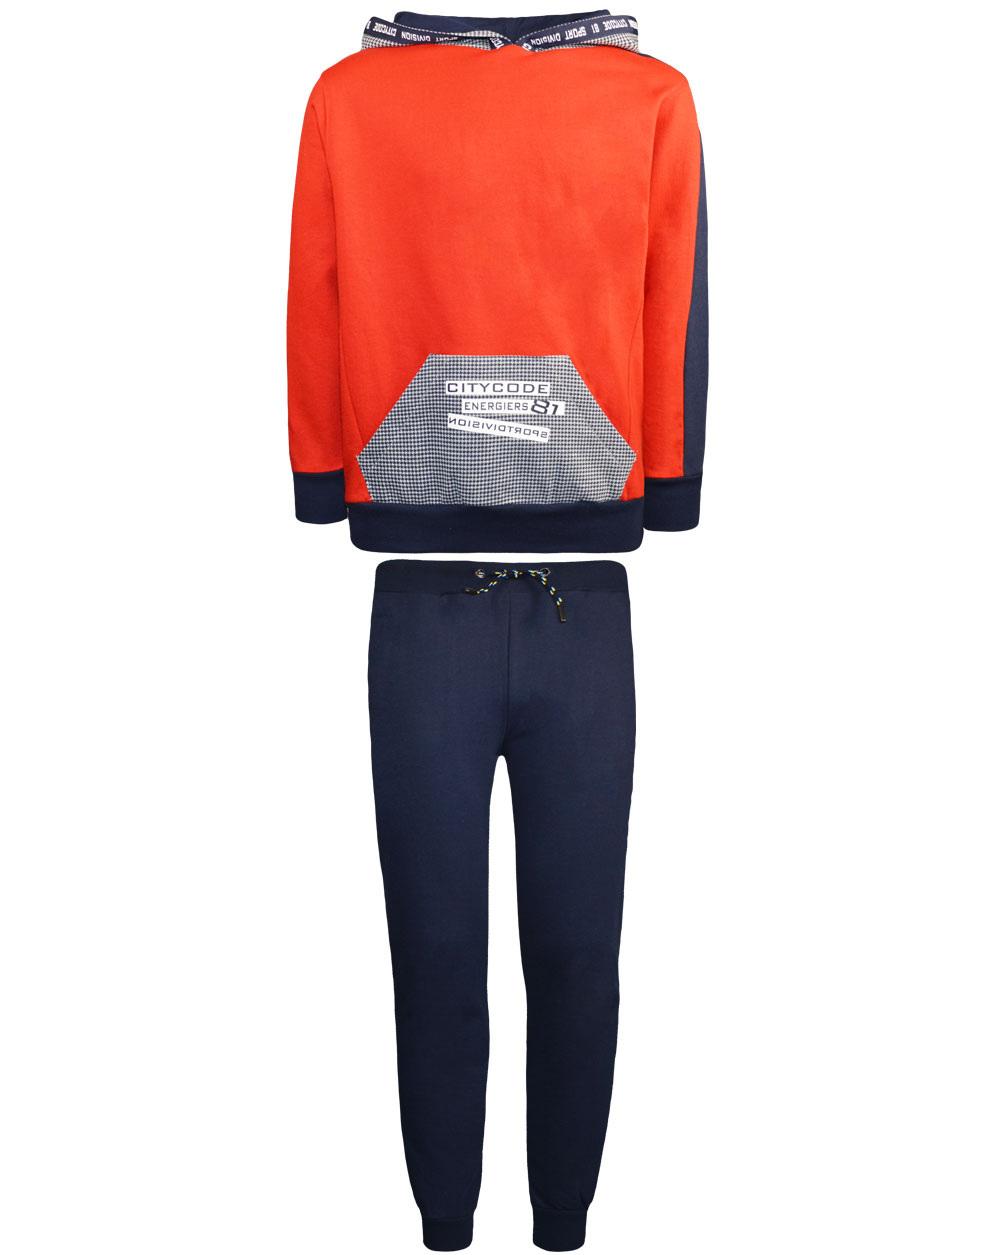 Φόρμα μπλούζα με tape στην κουκούλα και παντελόνι με τυπωμένη tape στο πλάι 13-120046-0 - ΜΑΡΕΝ - 17884-1/12/292/106